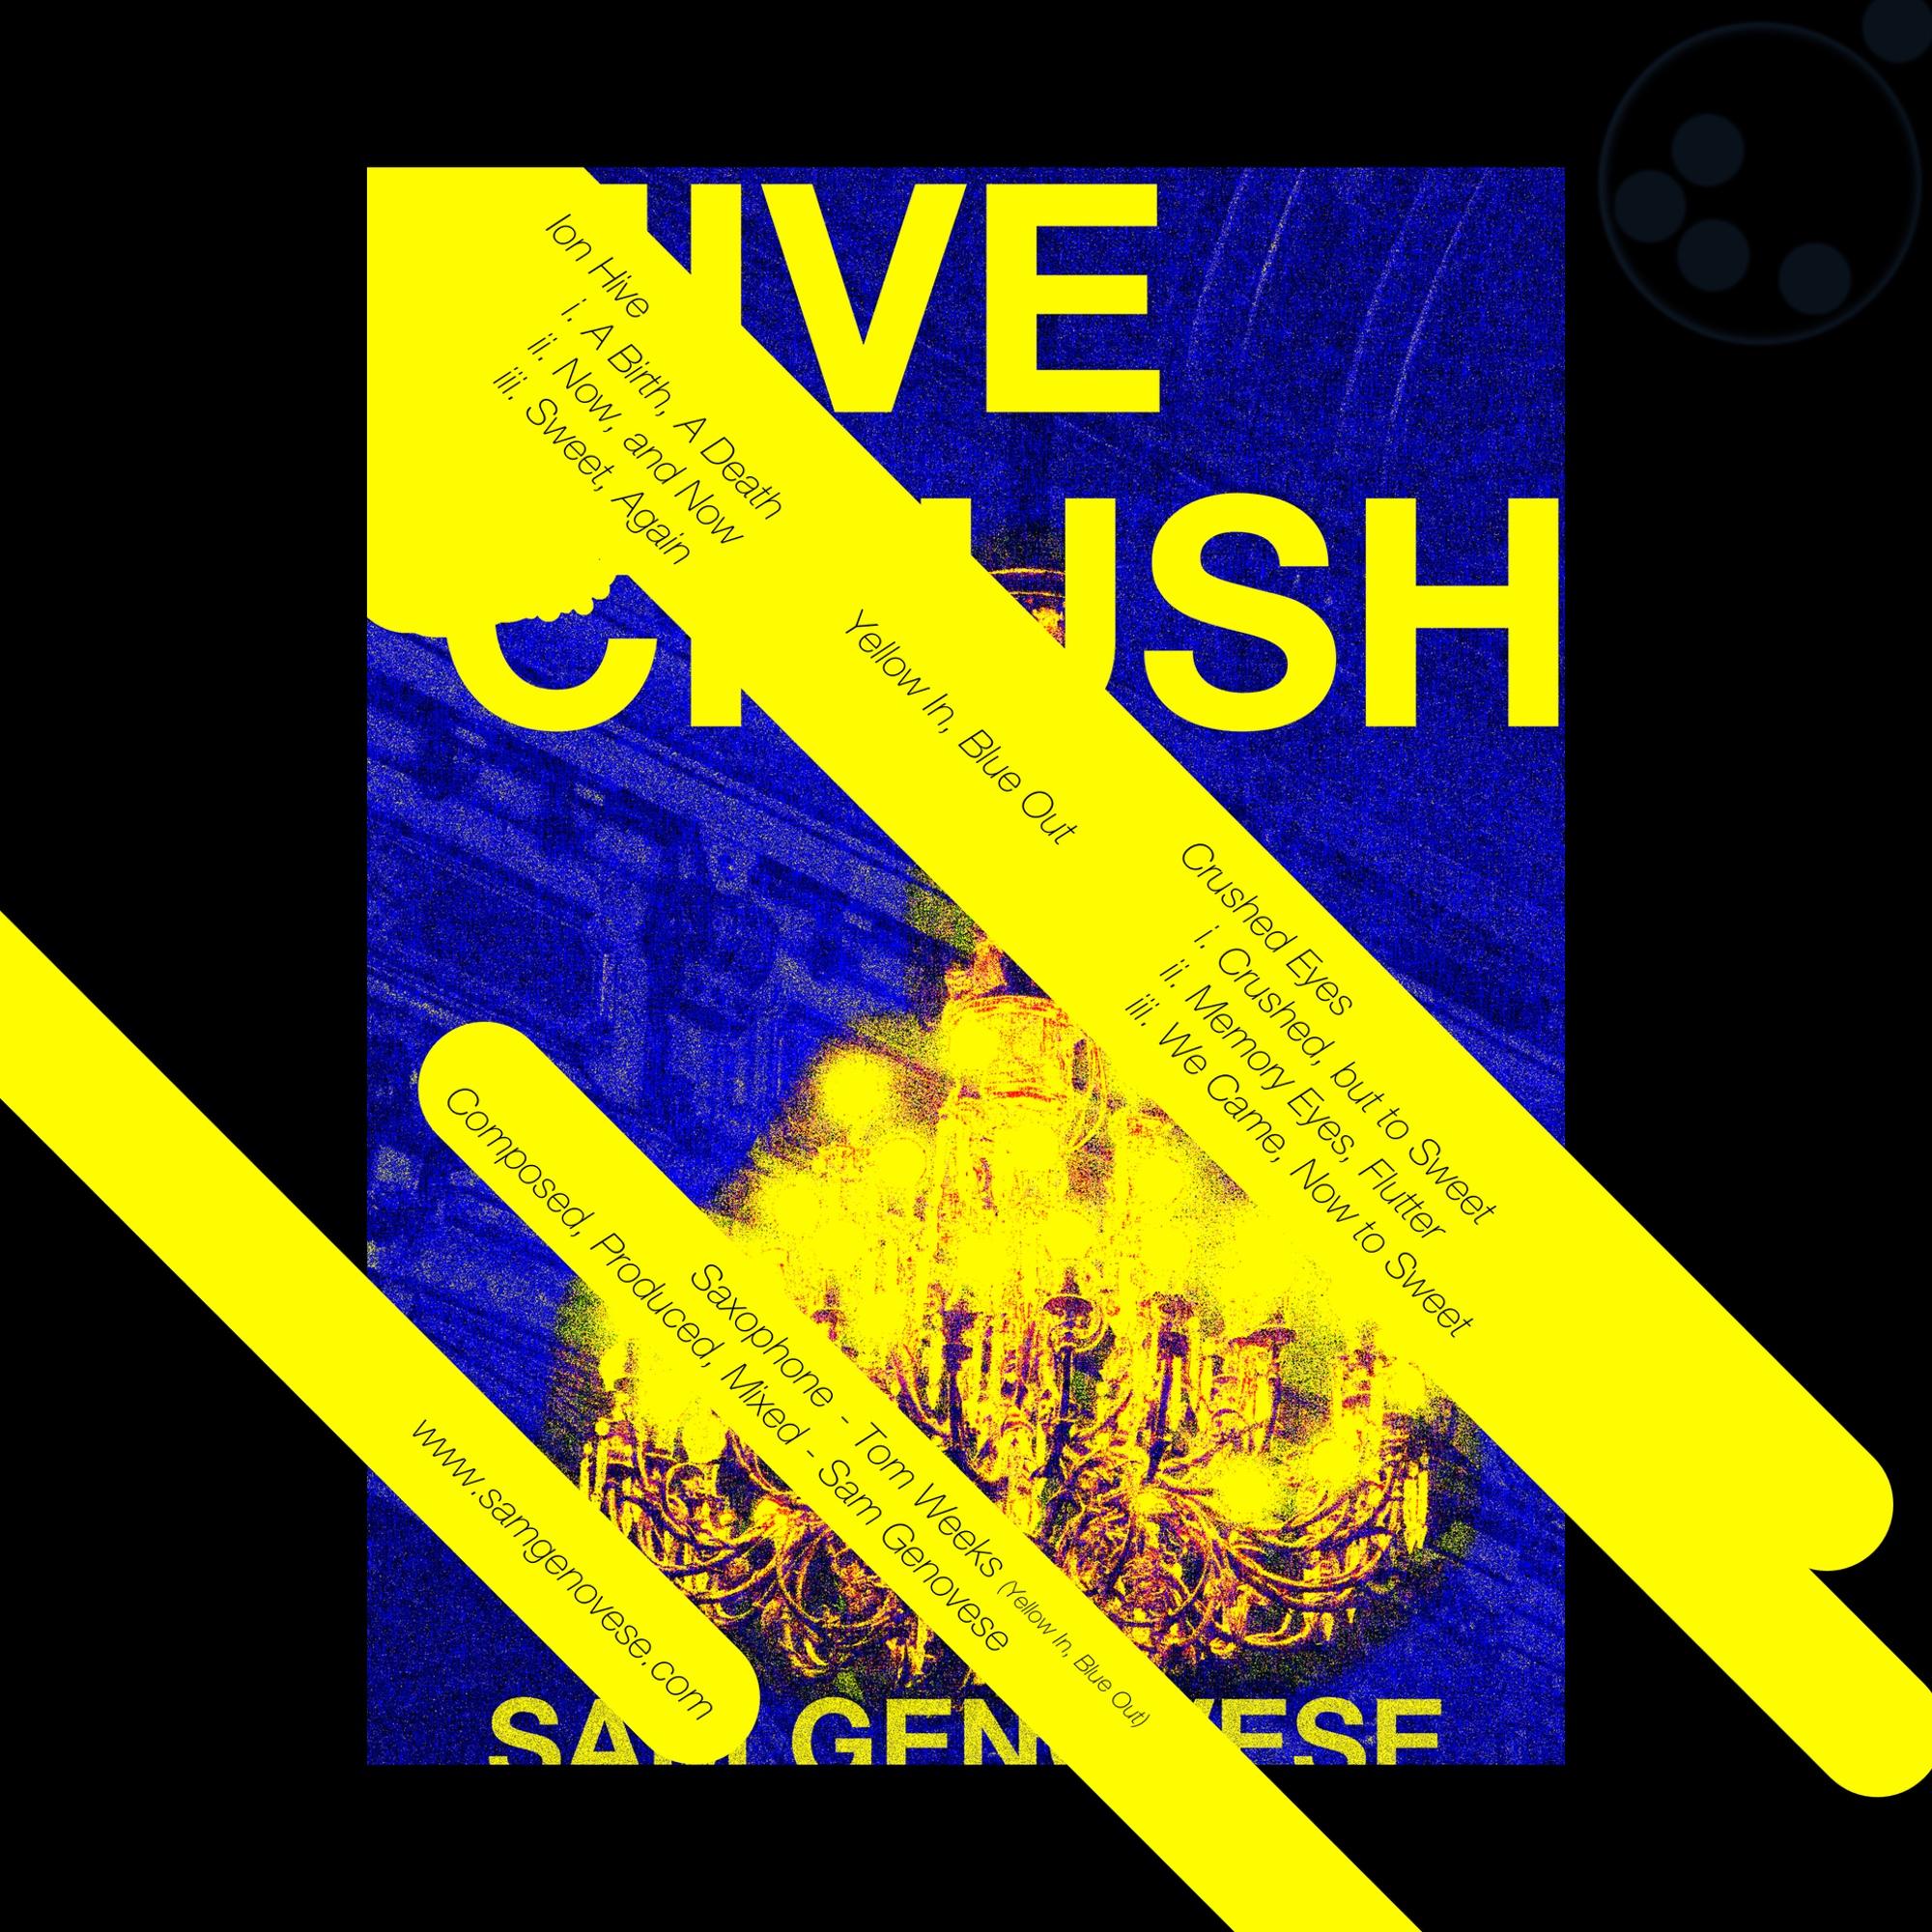 hive_crush_banner_small.jpg